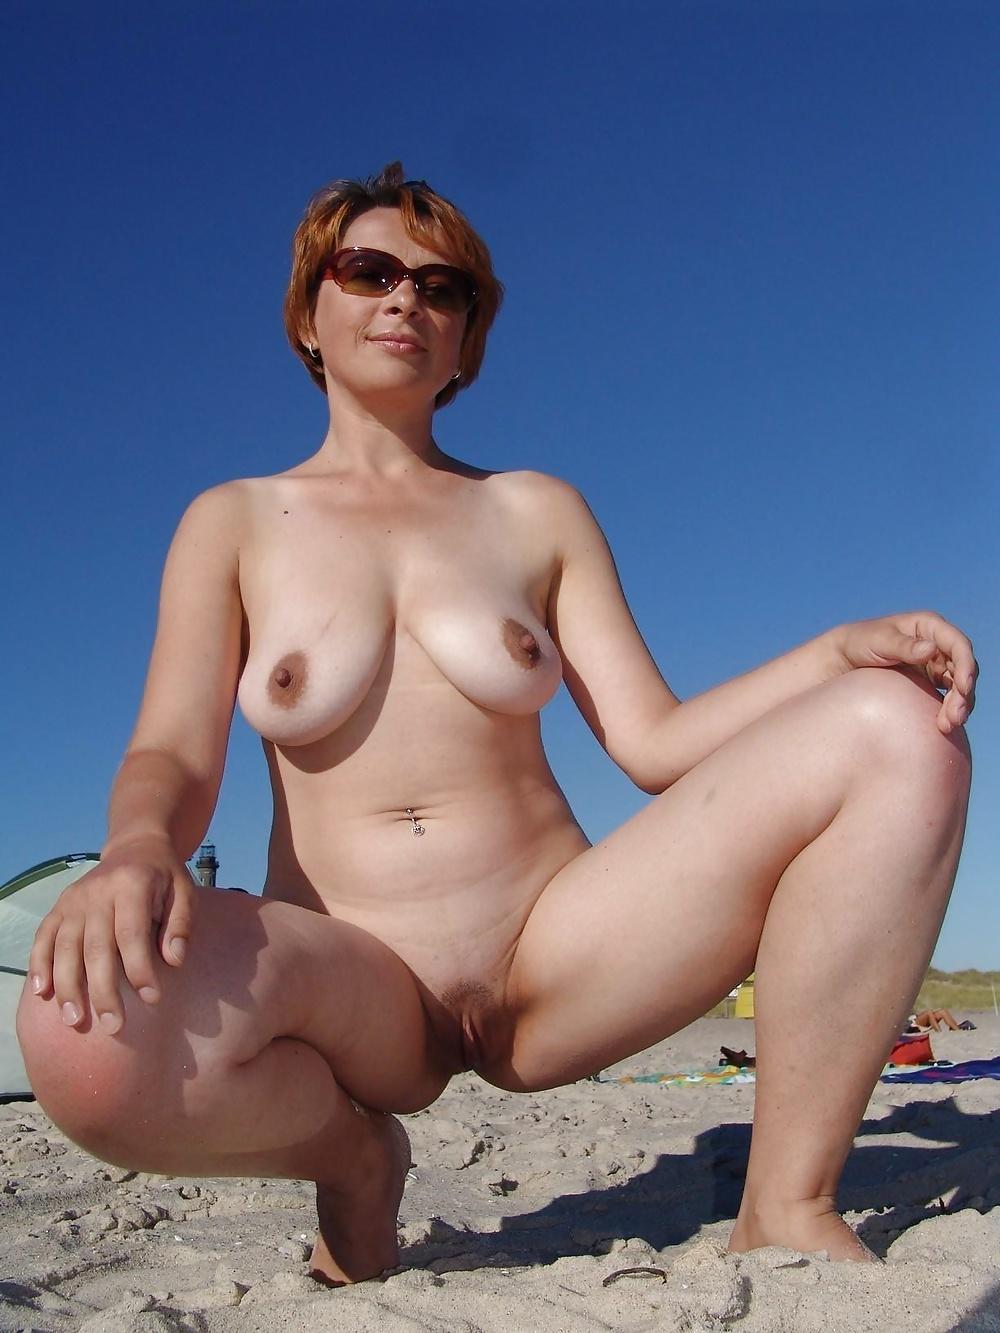 Schönste mollige Mädchen aus Schweiz nackte mollige mädchen - Bild 6